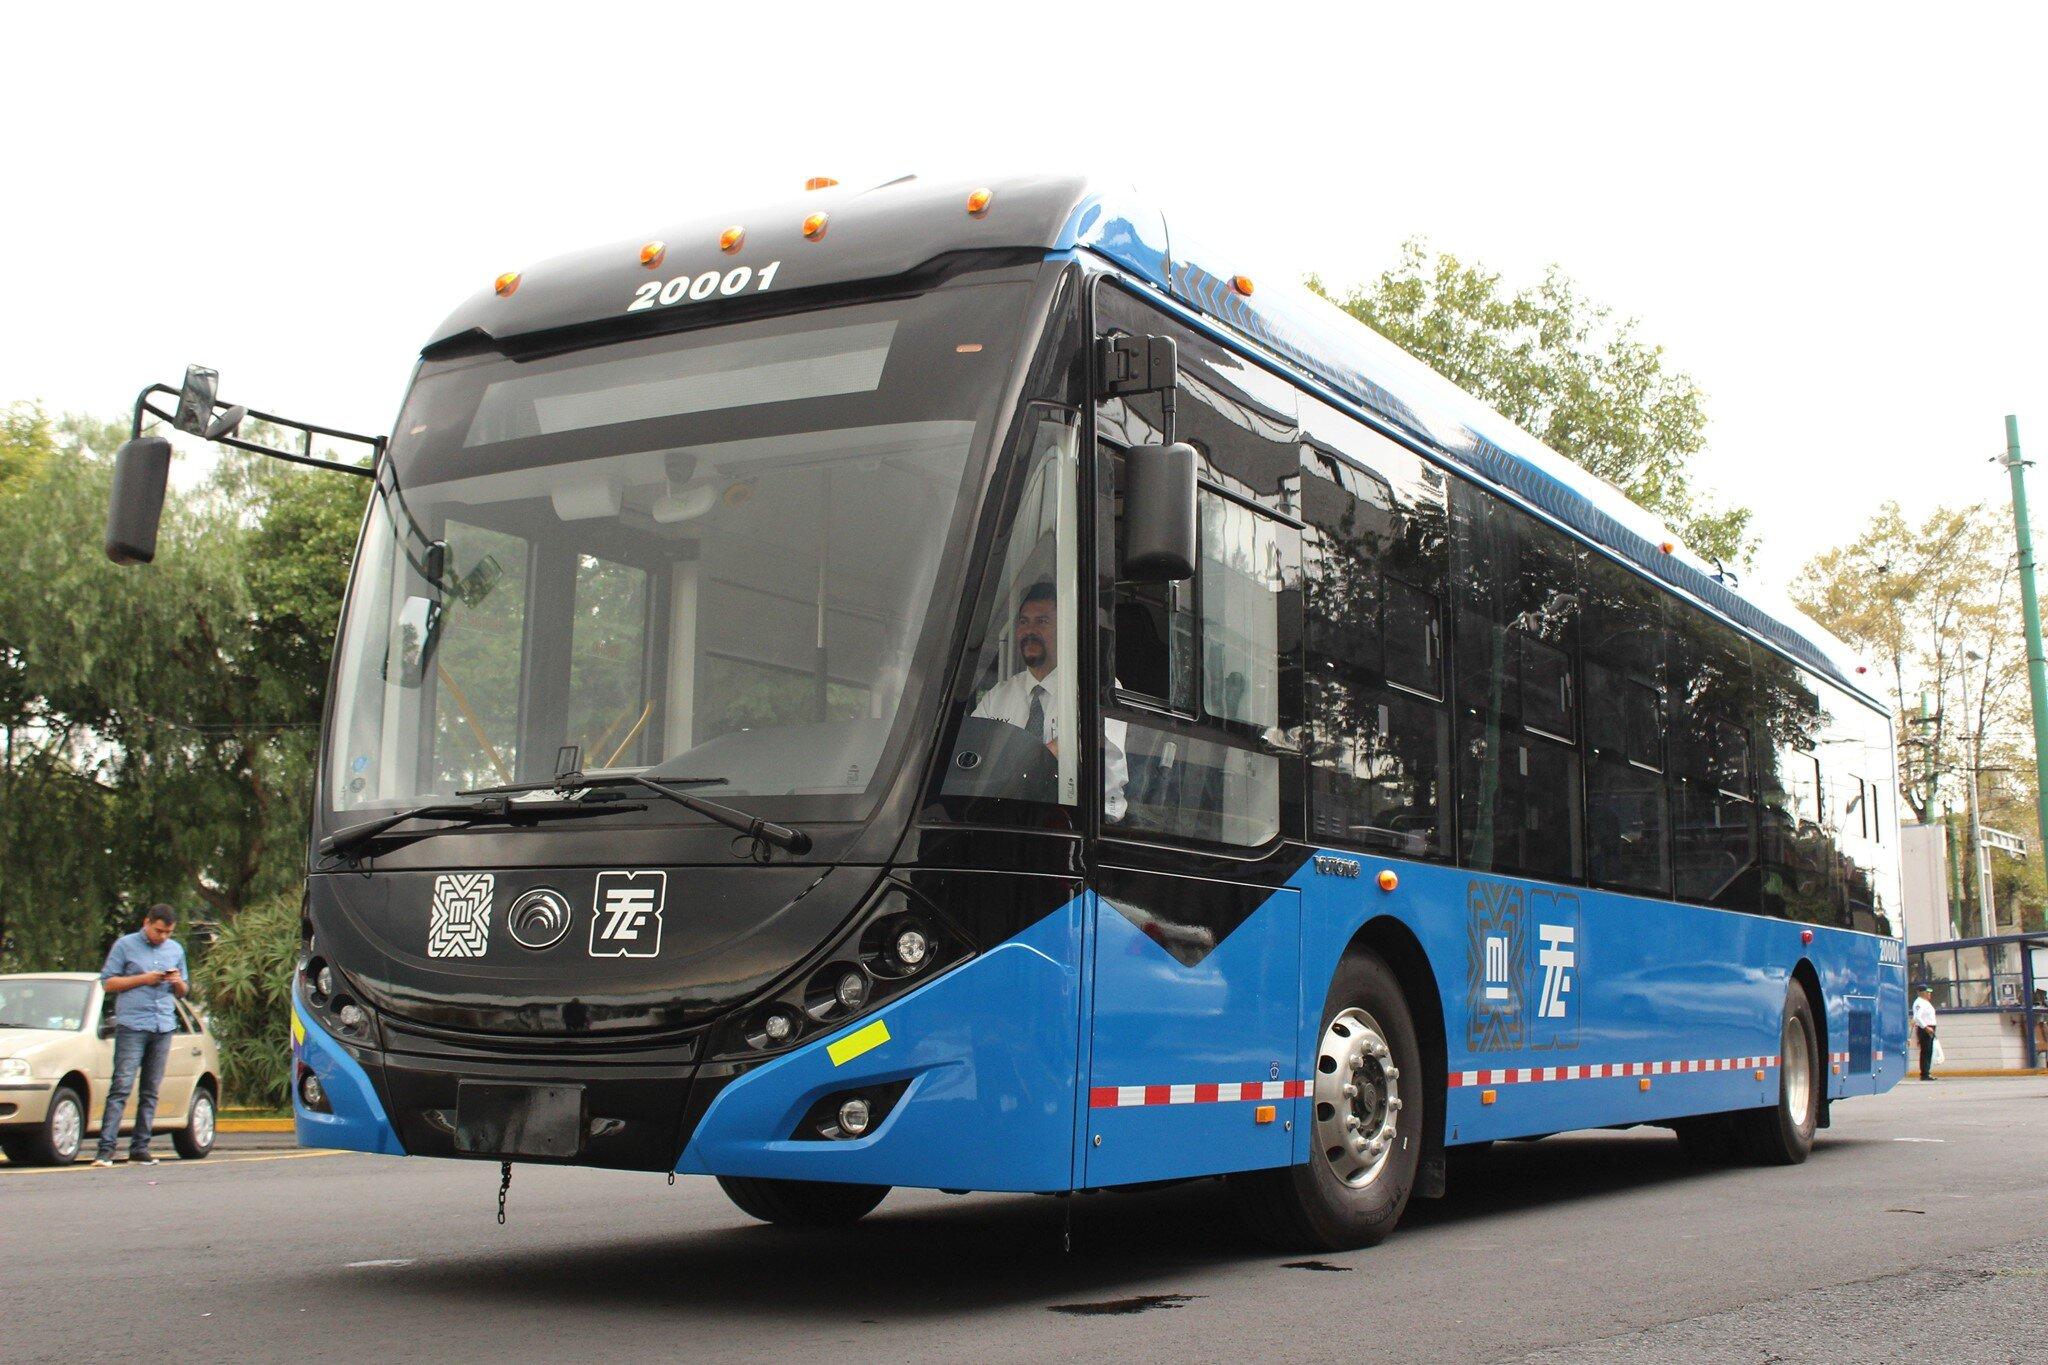 Nový trolejbus je v Mexiku již jeden měsíc. Na dalších 62 se ještě čeká. (foto: Servicio de Transportes Eléctricos)